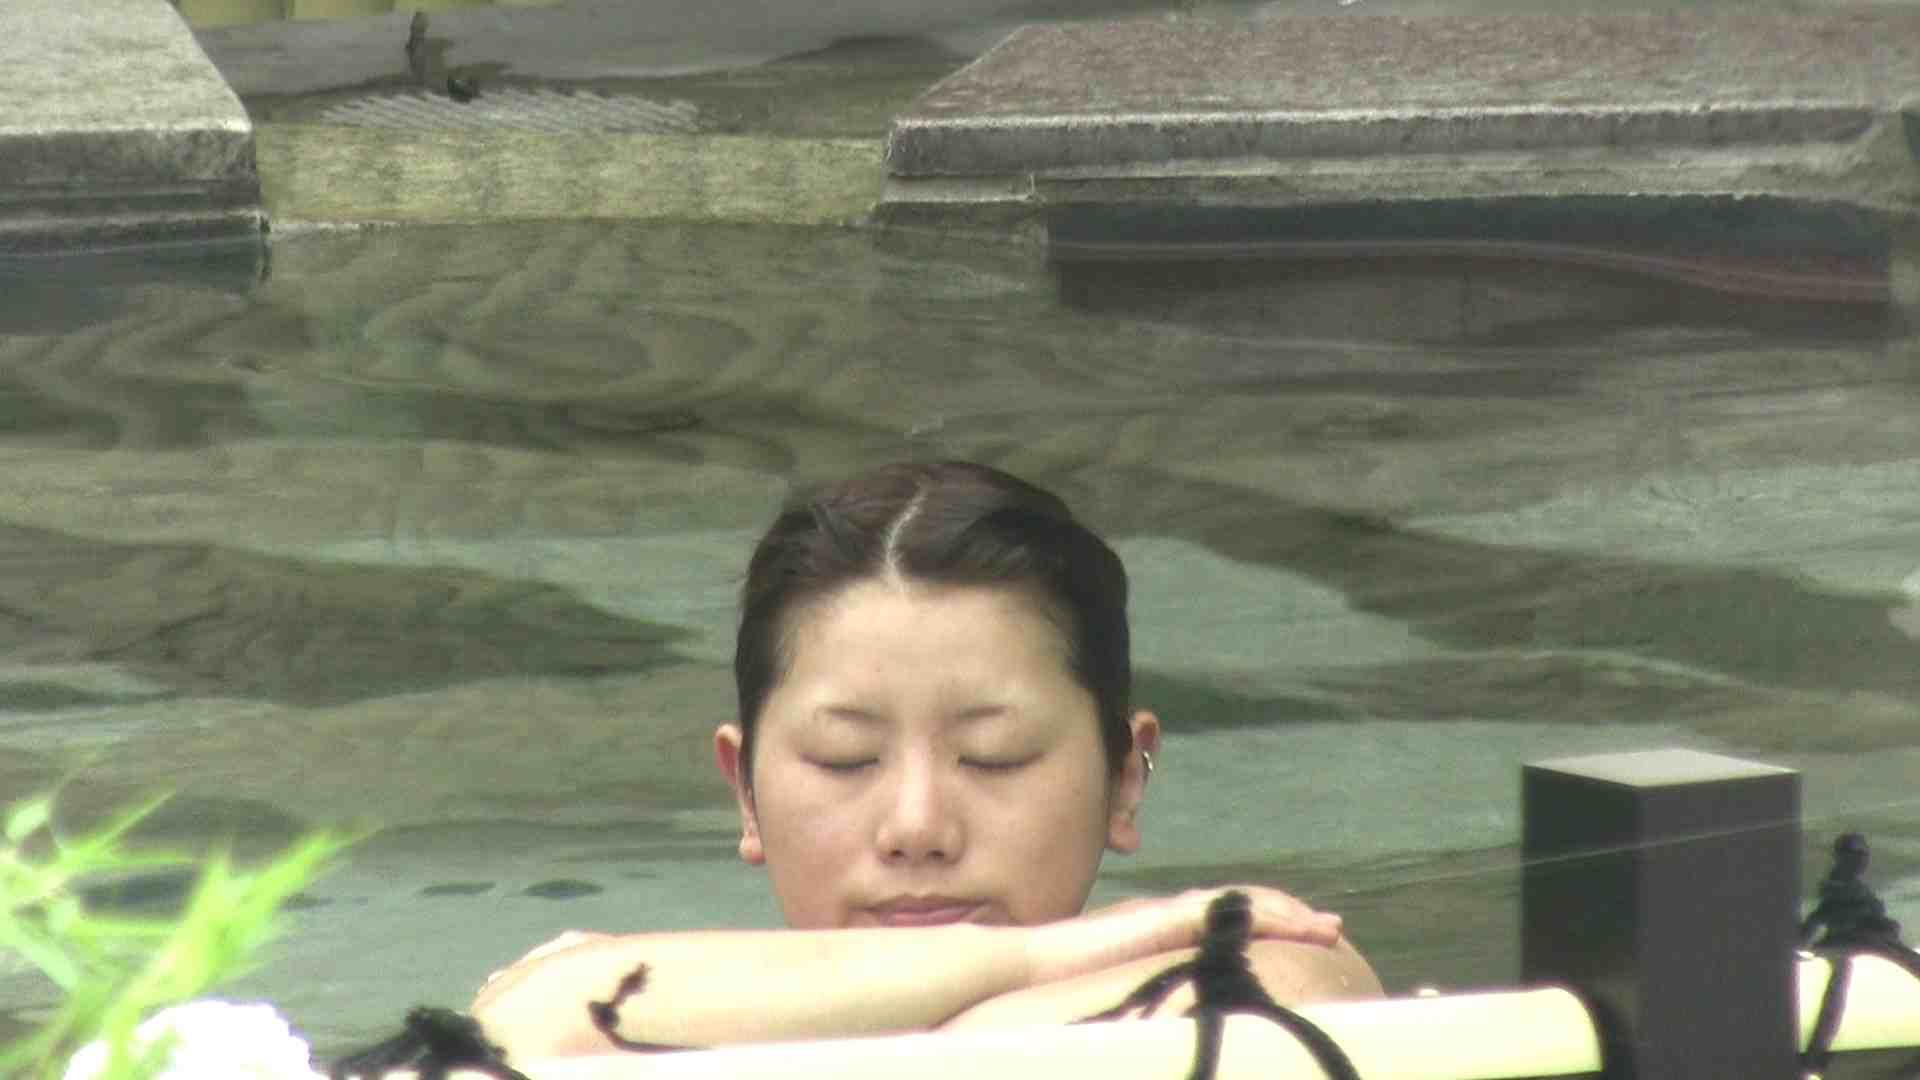 Aquaな露天風呂Vol.19【VIP】 美しいOLの裸体   盗撮師作品  106pic 4